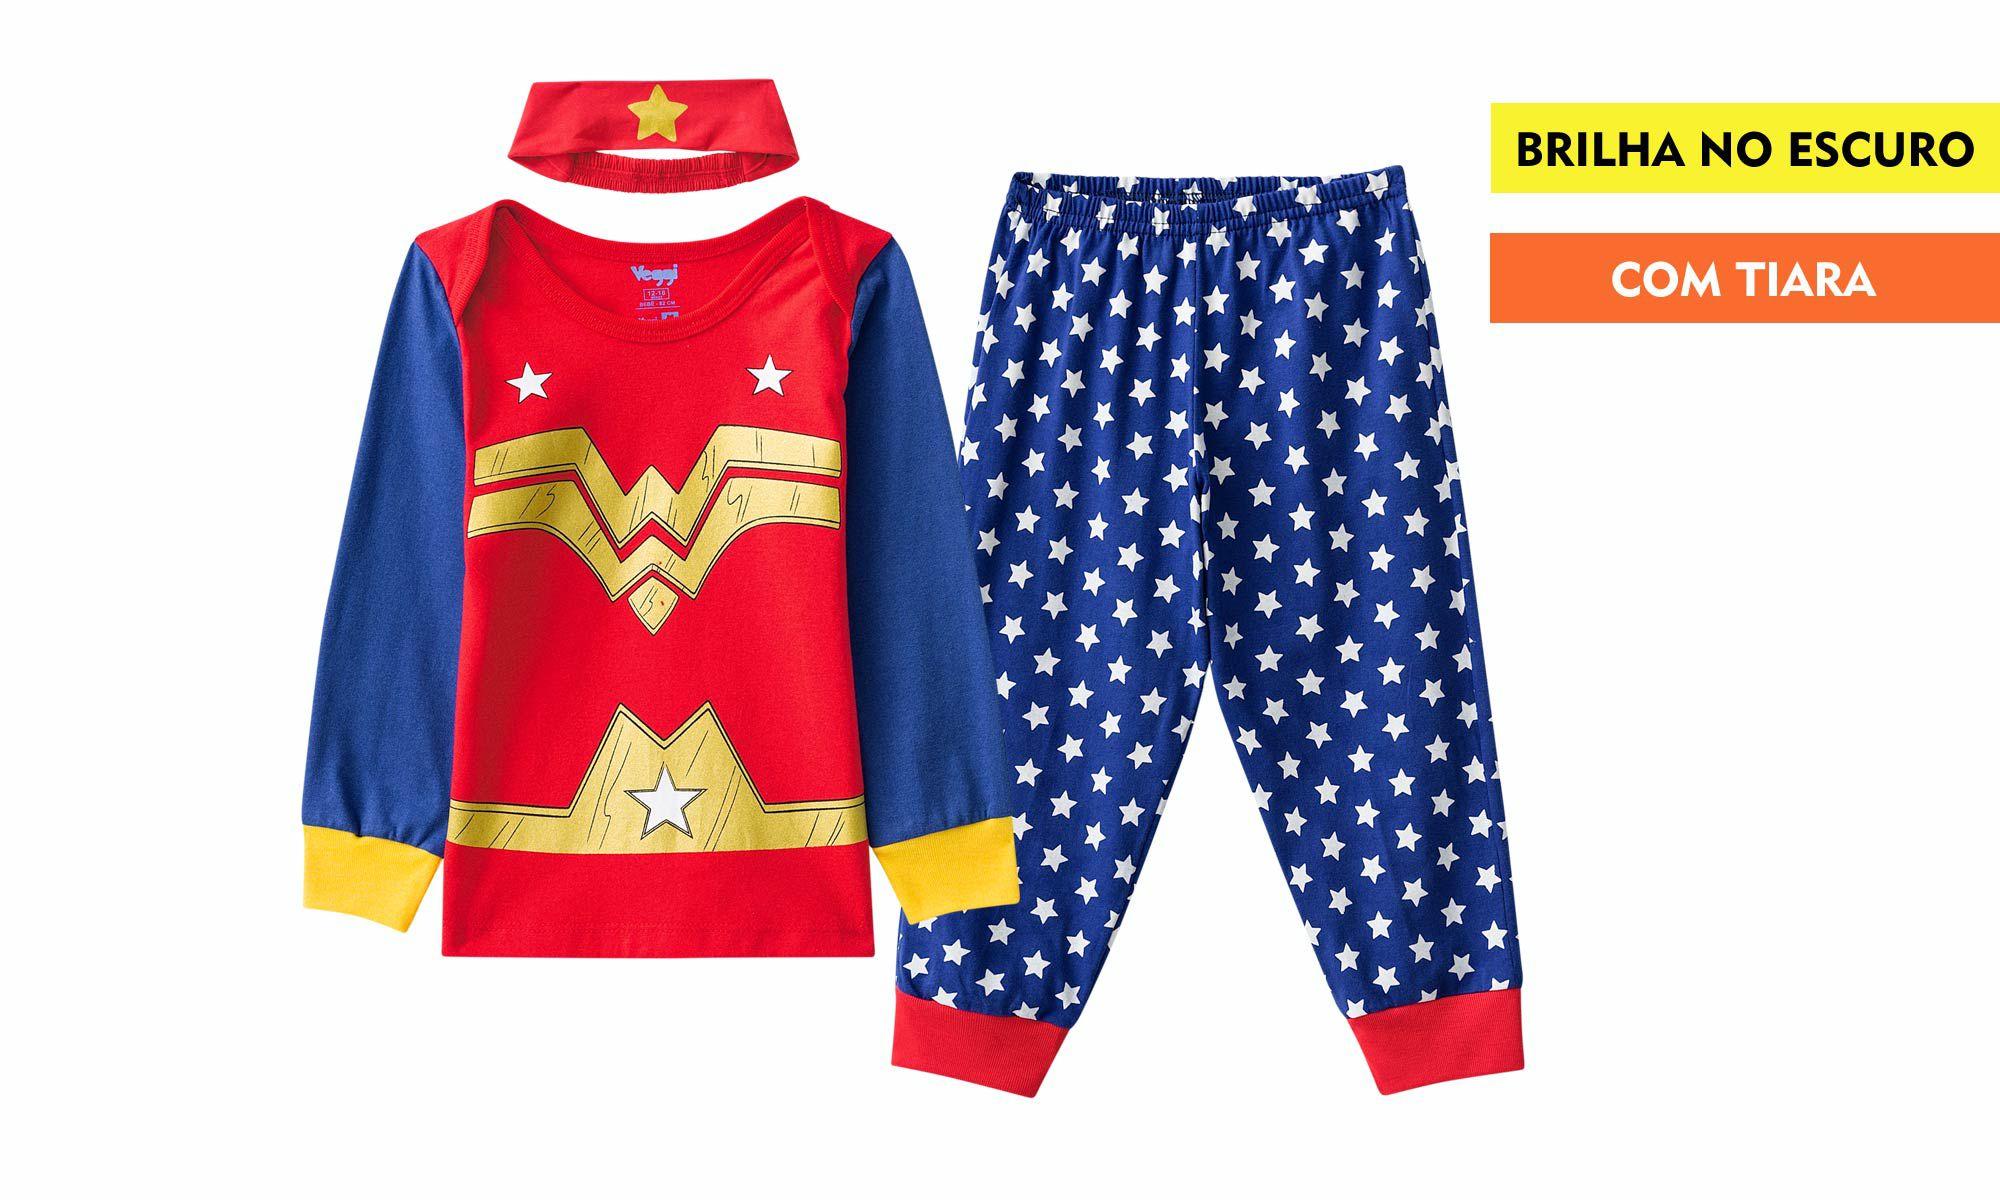 Pijama criança feminino mulher maravilha inverno kids veggi